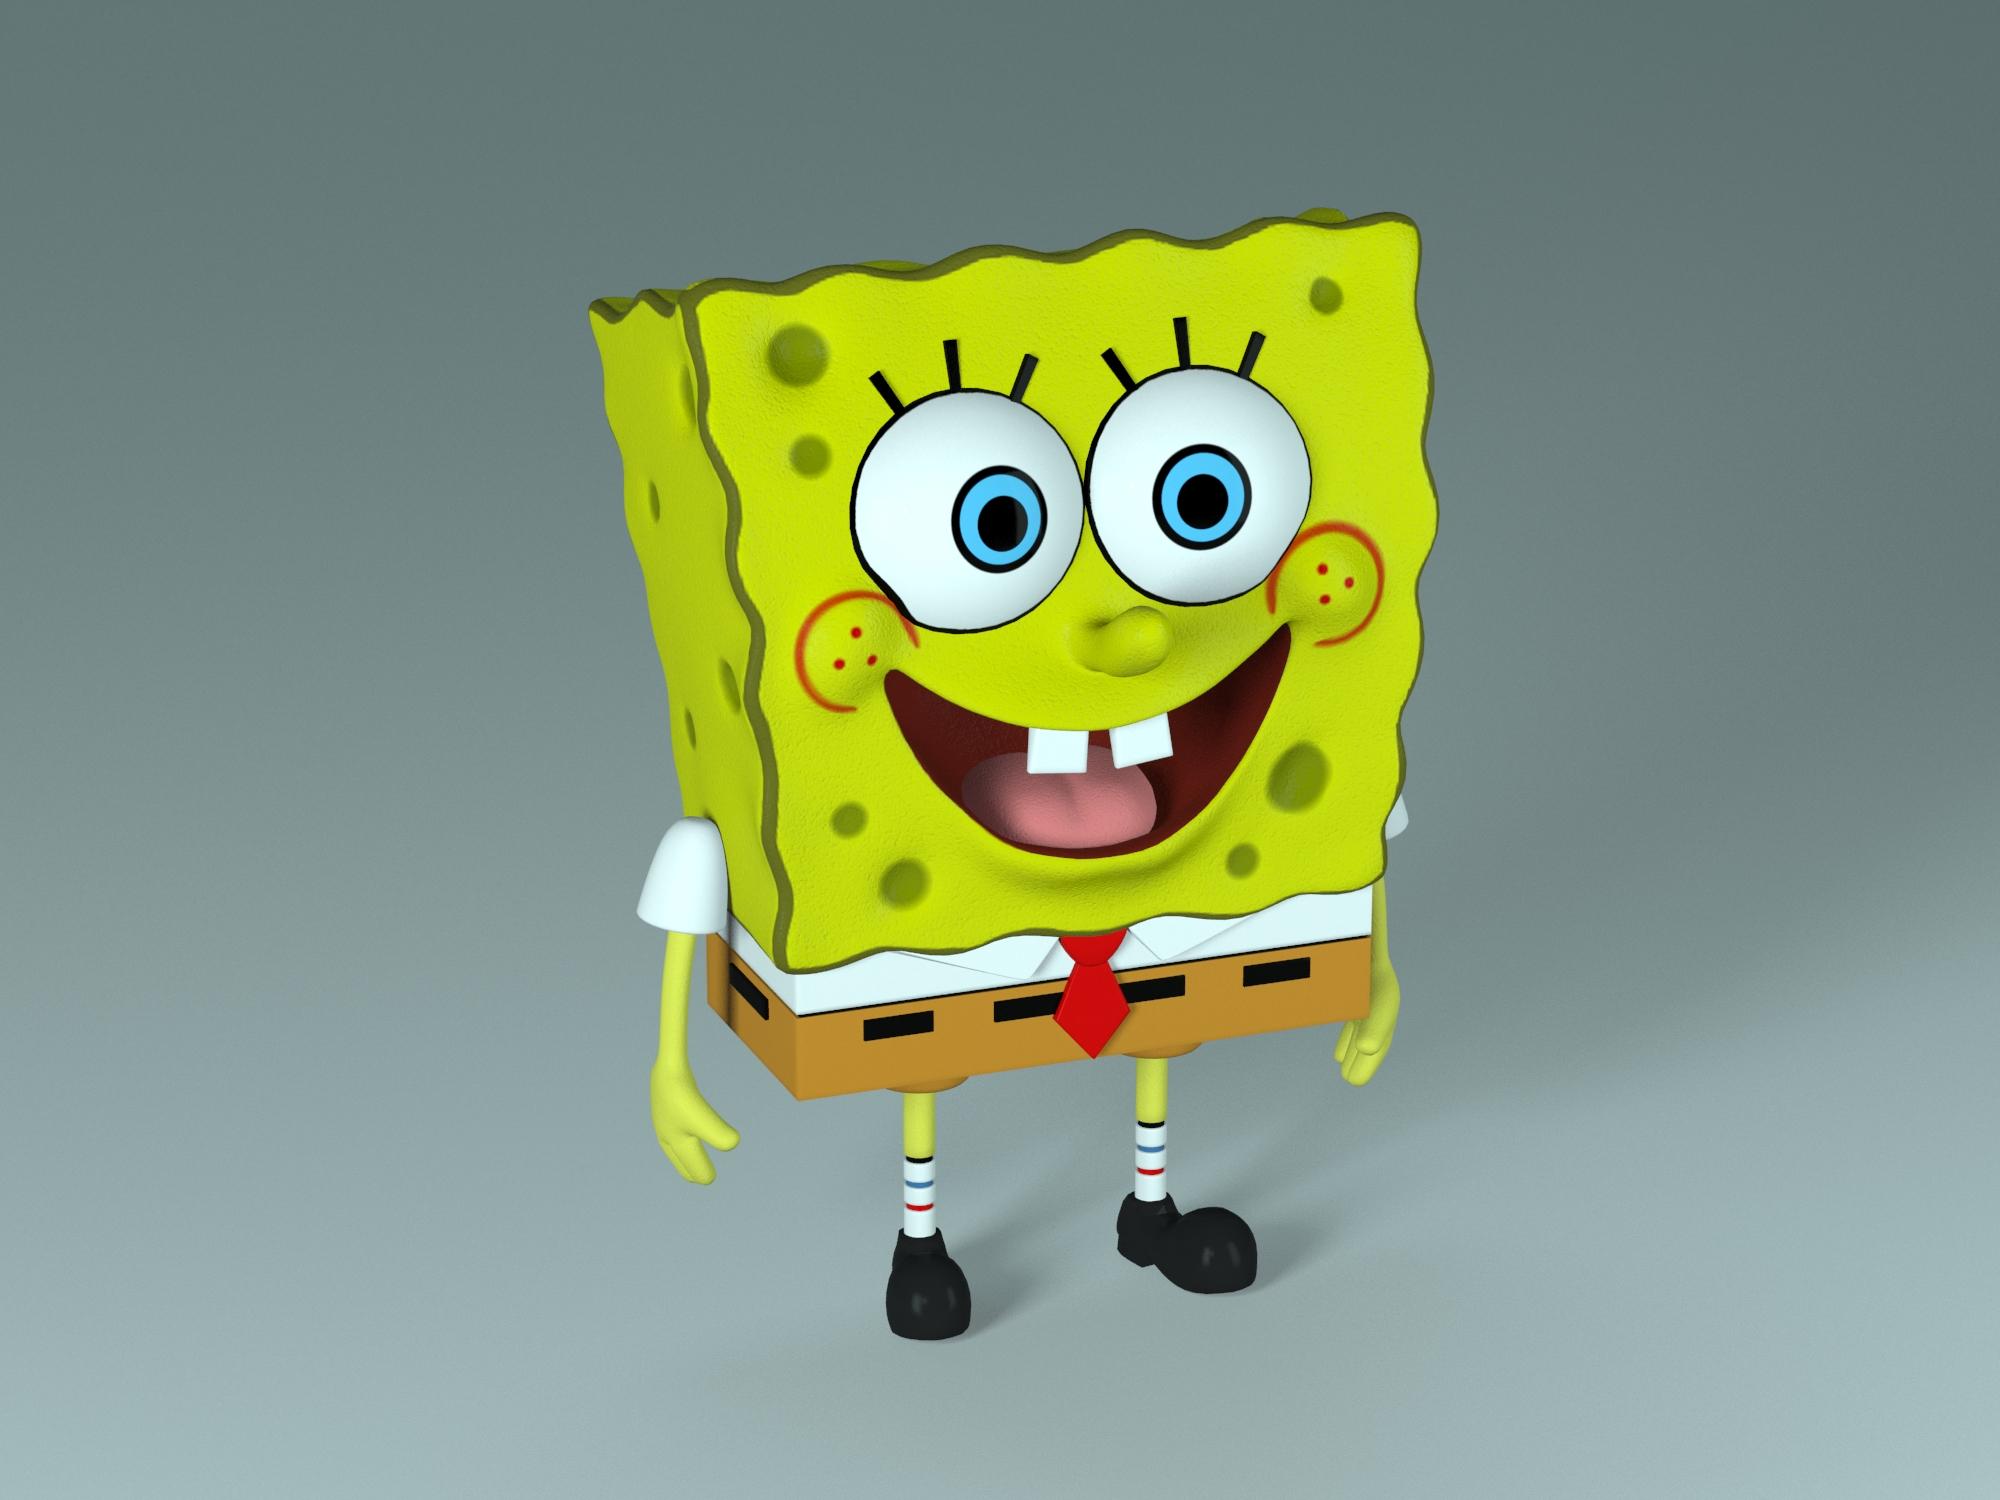 spongebob – bob esponja 3d model max fbx c4d lxo  texture obj 270432